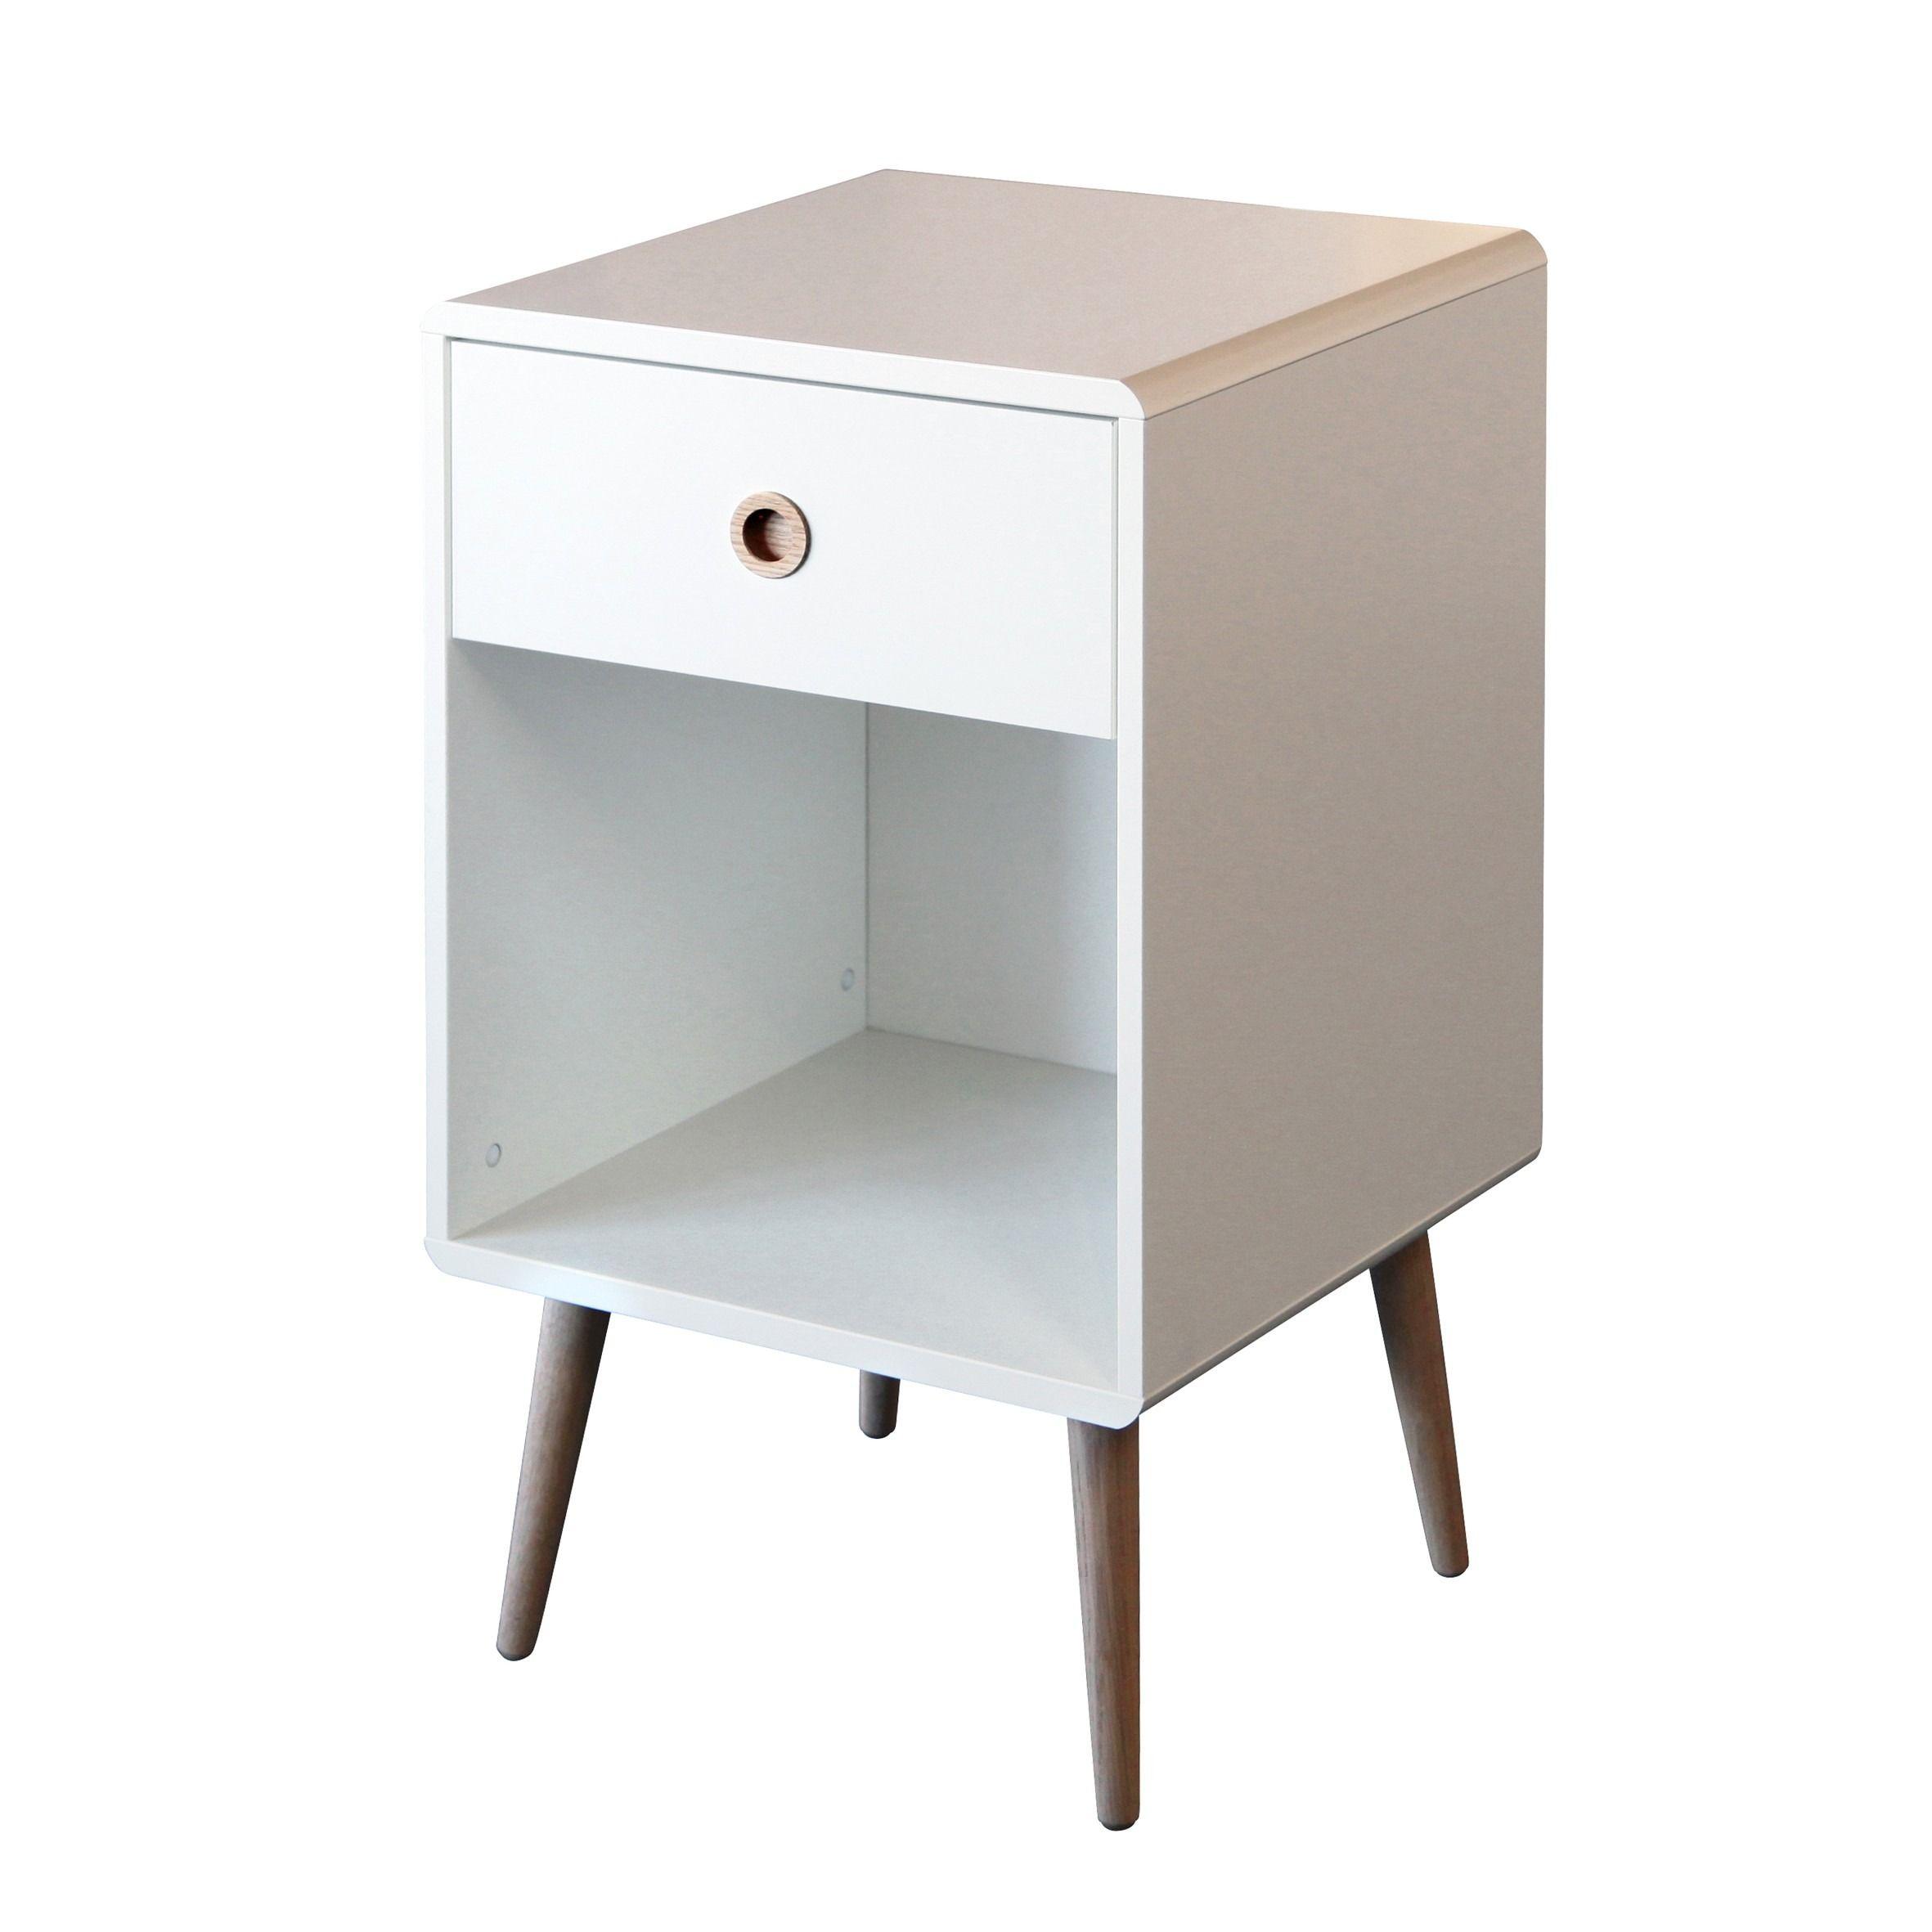 Corona 1 Drawer Bedside Cabinet In 2020 Bedside Table Bedside Cabinet Furniture